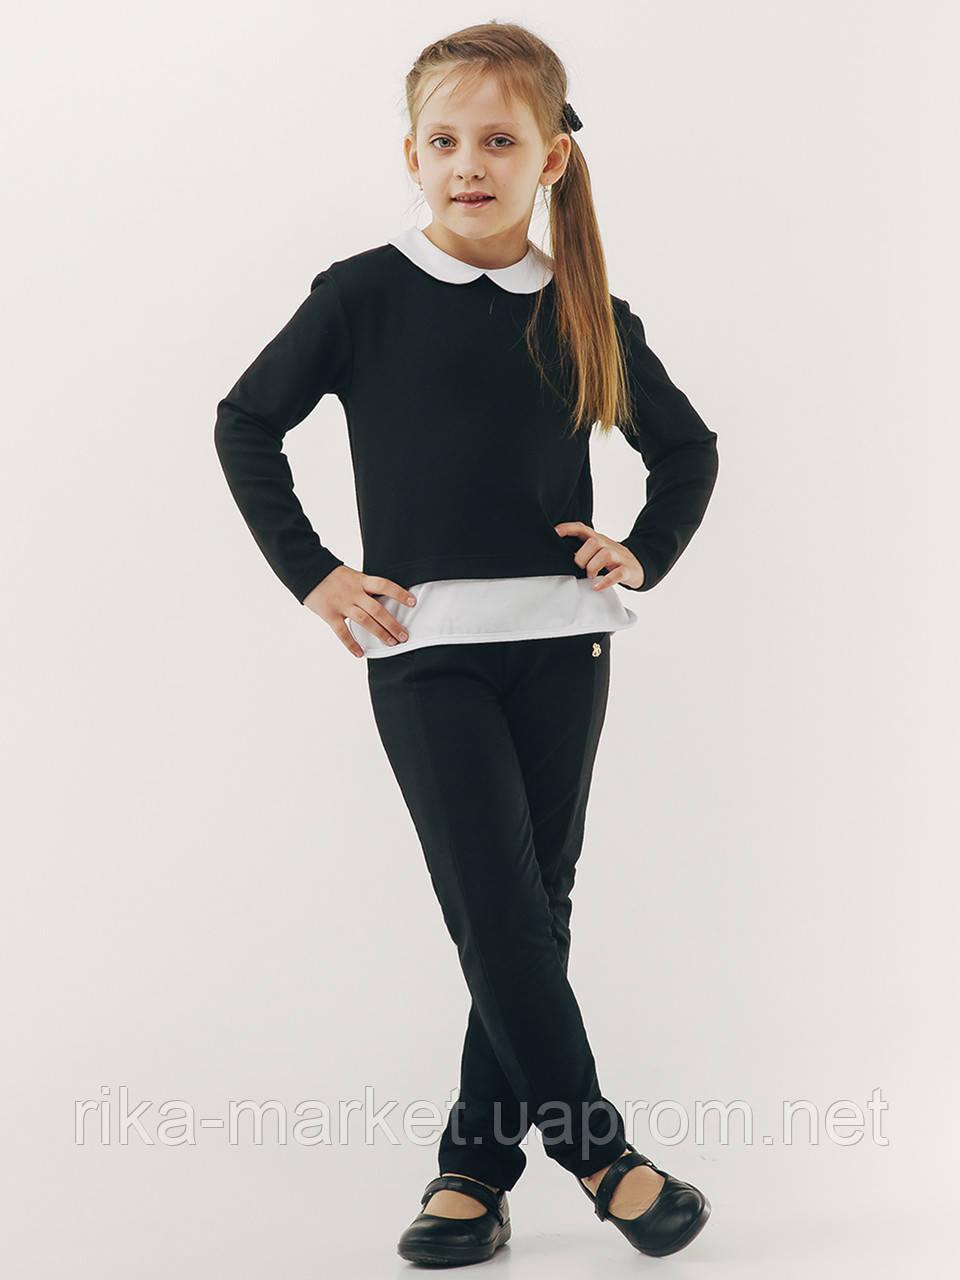 Школьный свитшот для девочки, ТМ Смил, 116414, возраст 10 - 14 лет